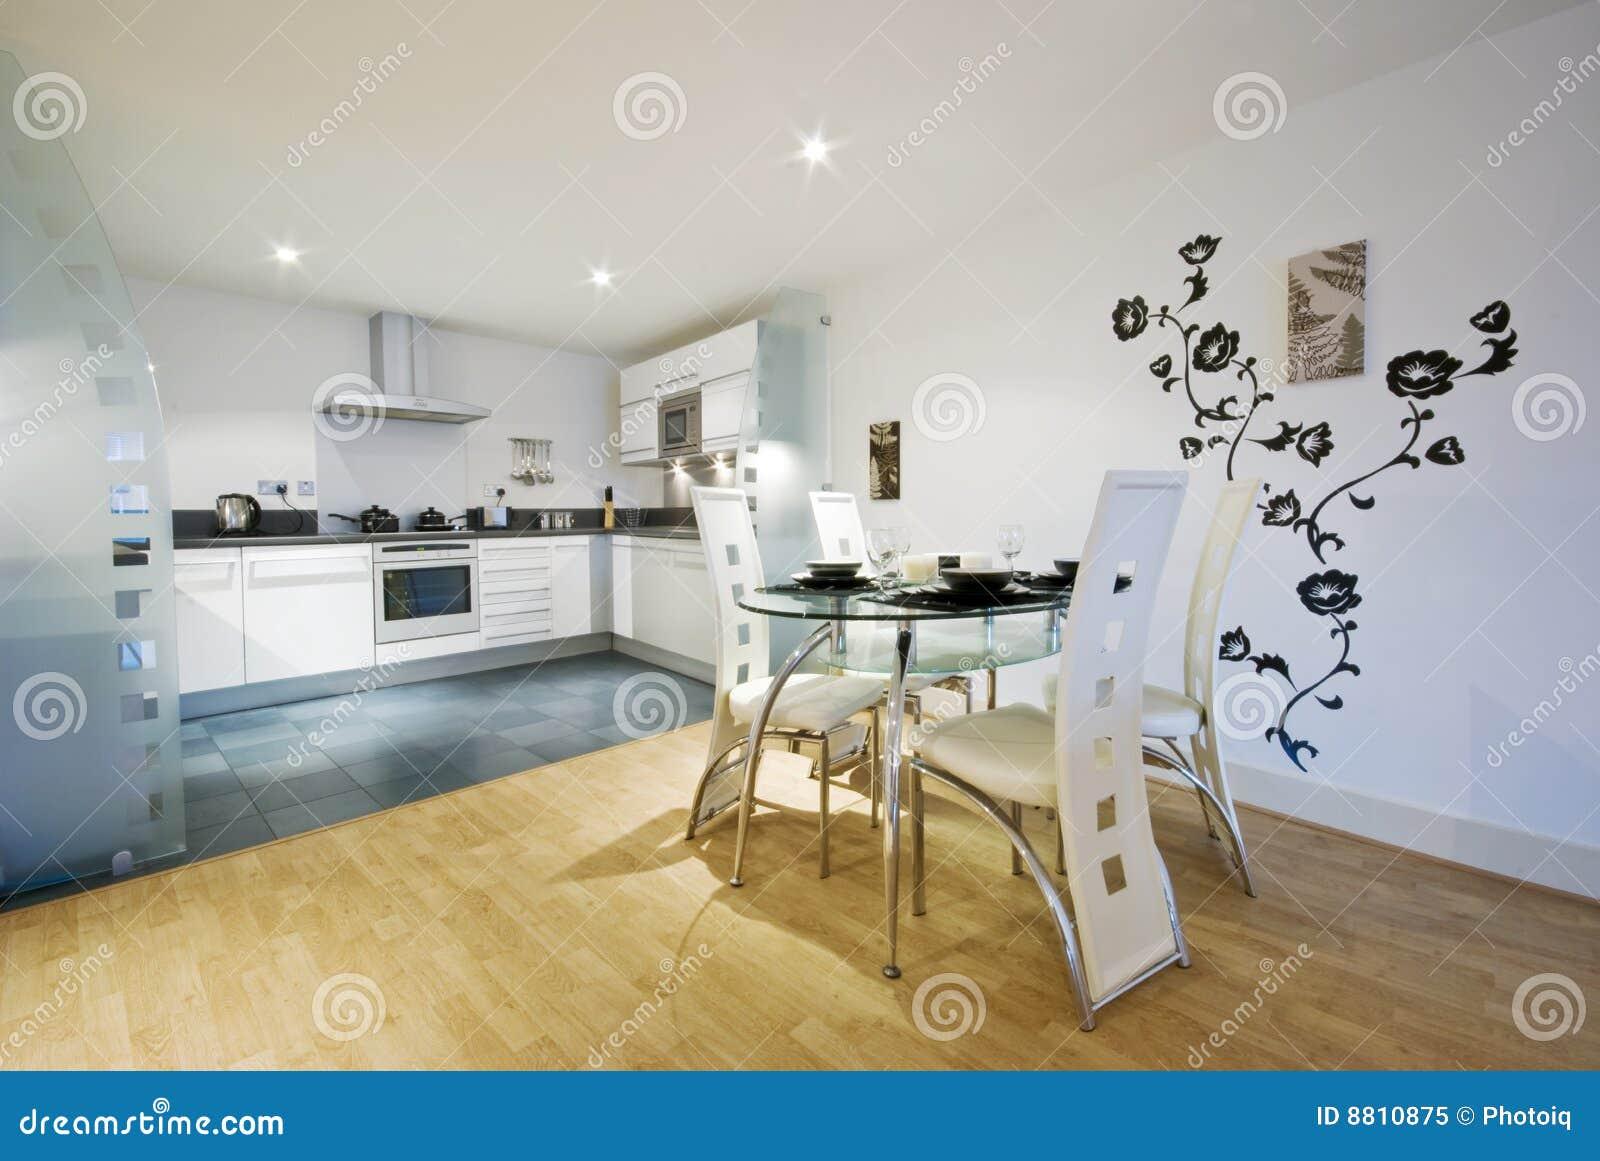 äta middag köklokal för formgivare